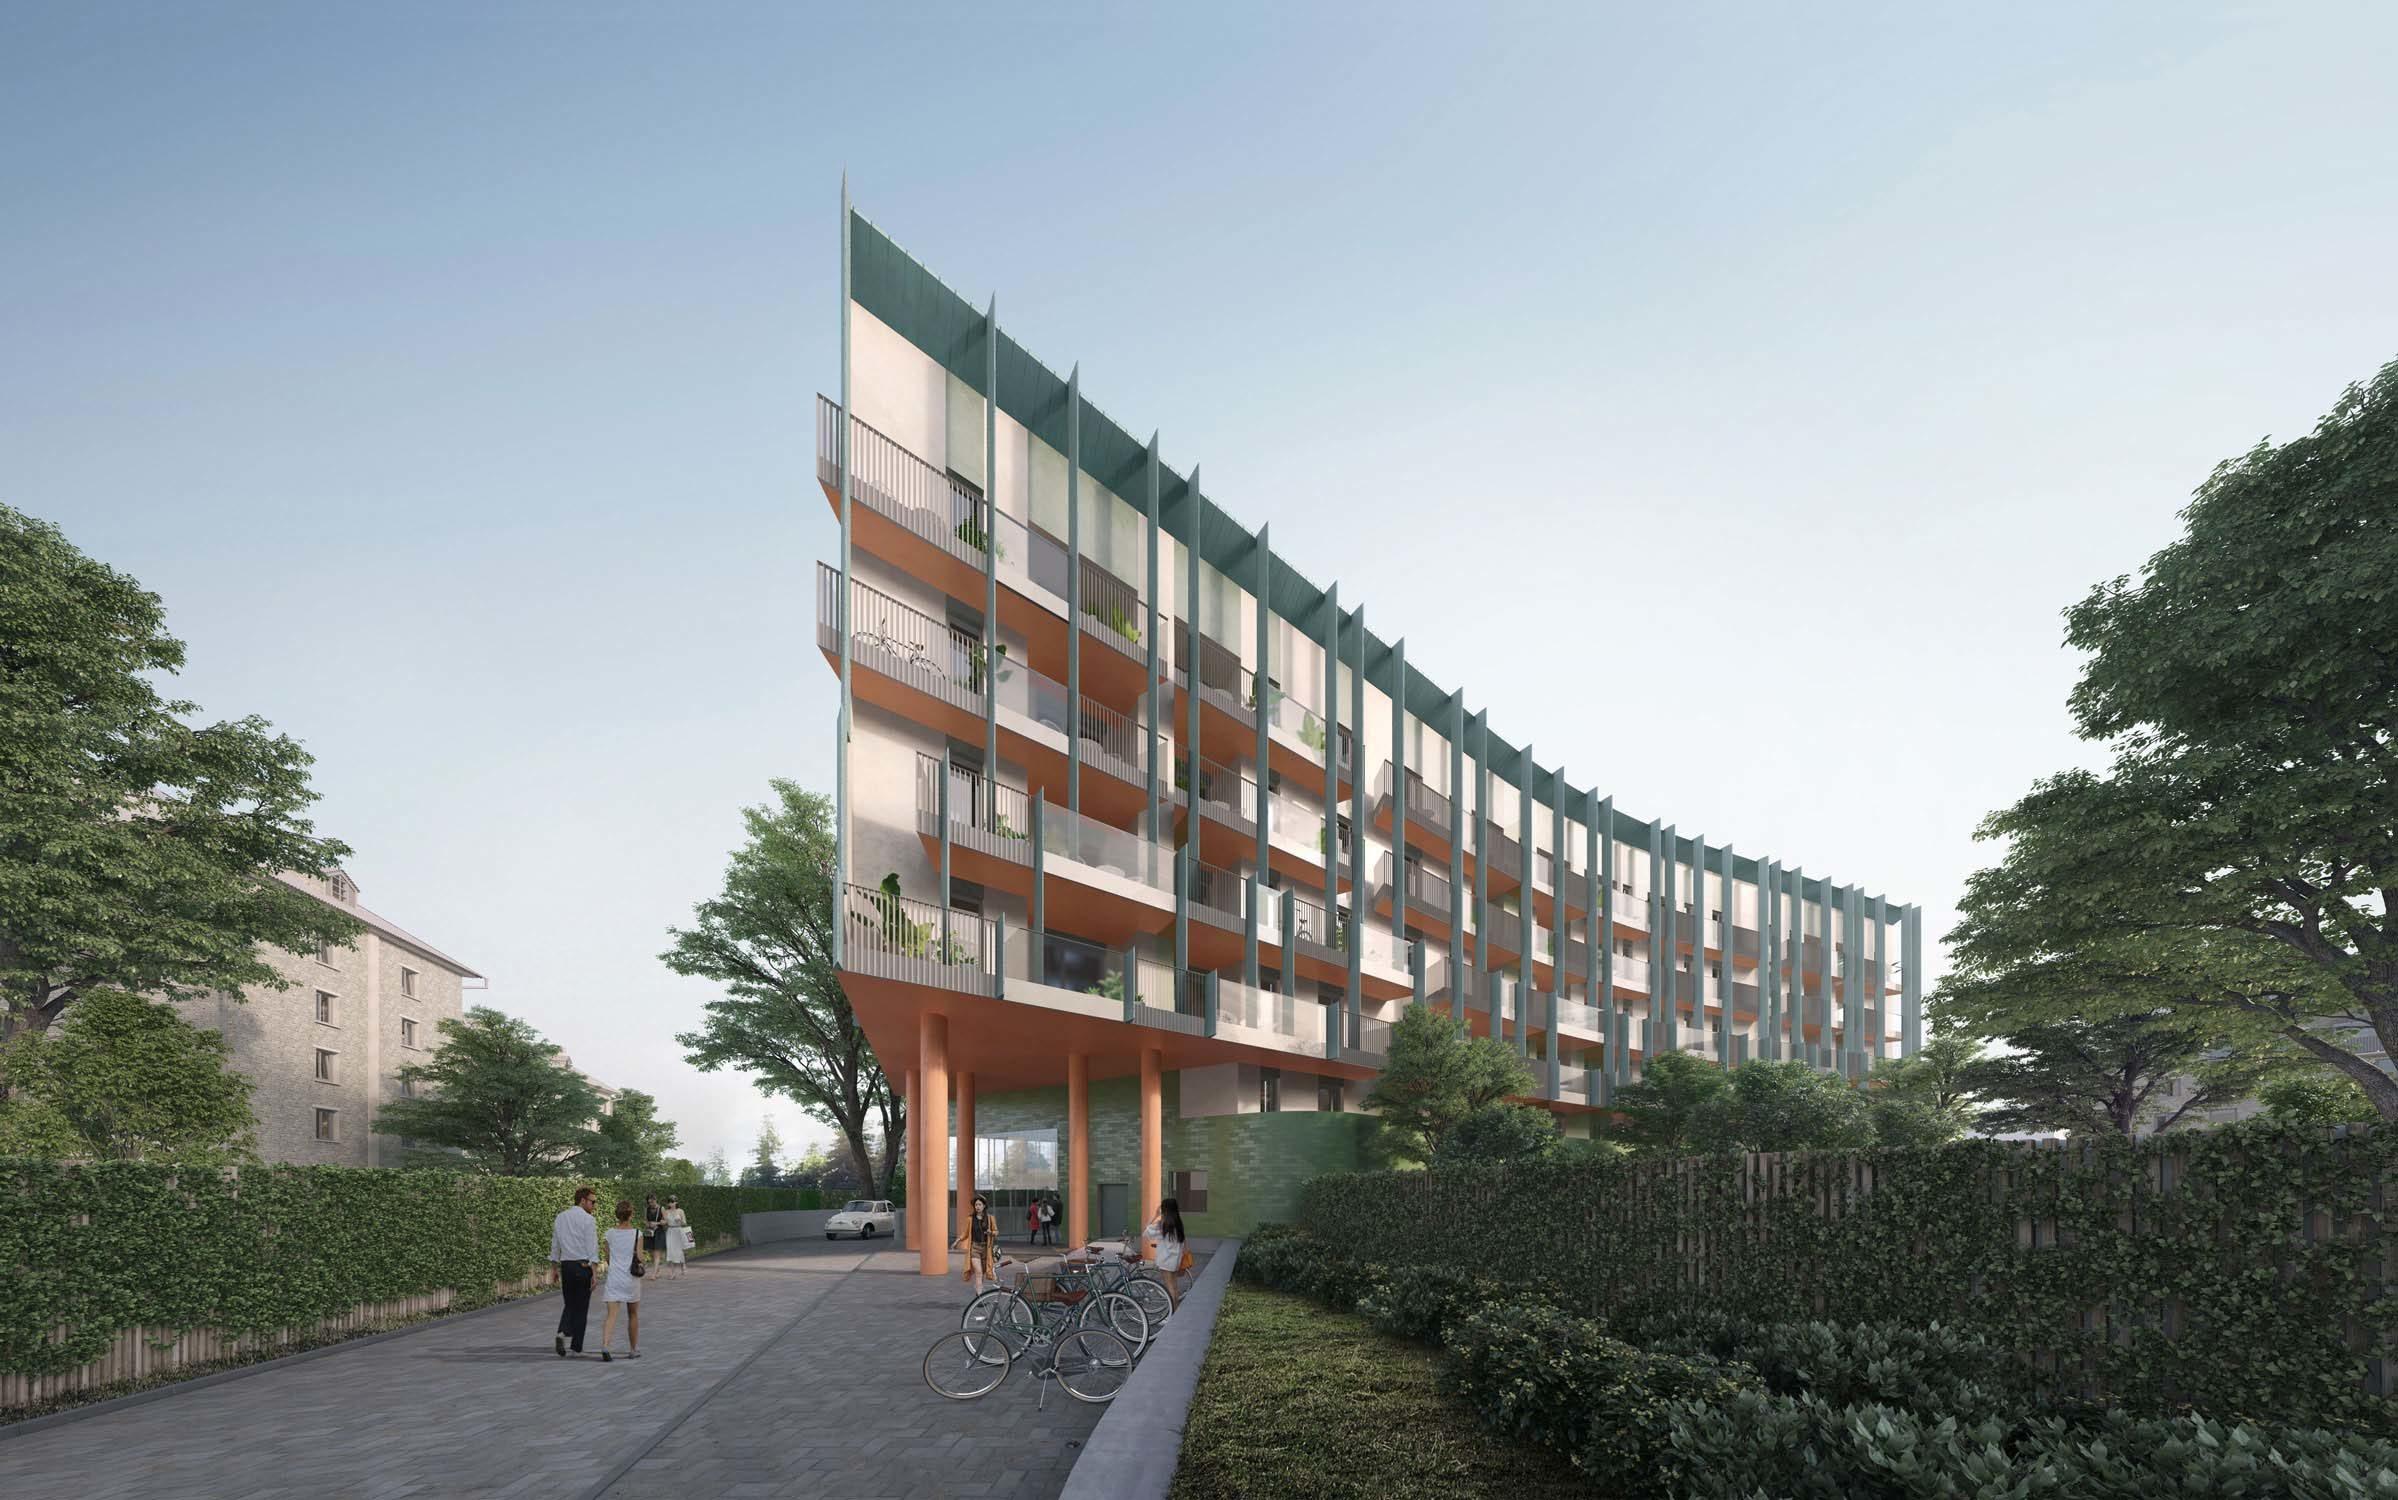 Quarto Cagnino Residentials in Milan – CZA Cino Zucchi Architects, 2016